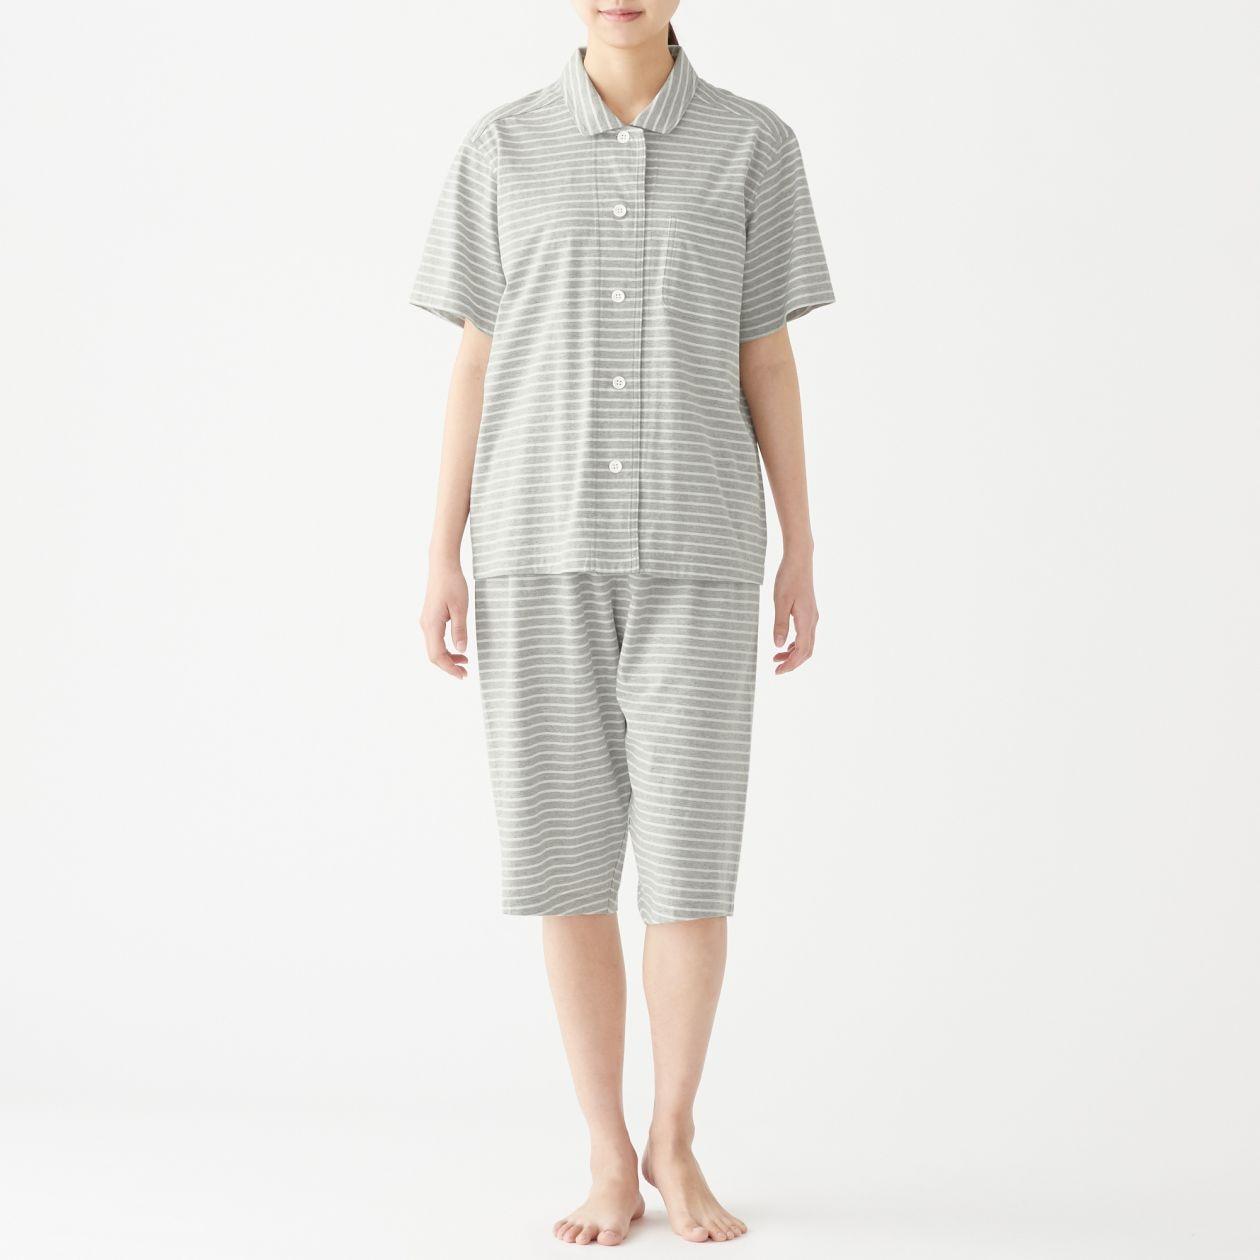 脇に縫い目のない 天竺編み半袖パジャマ